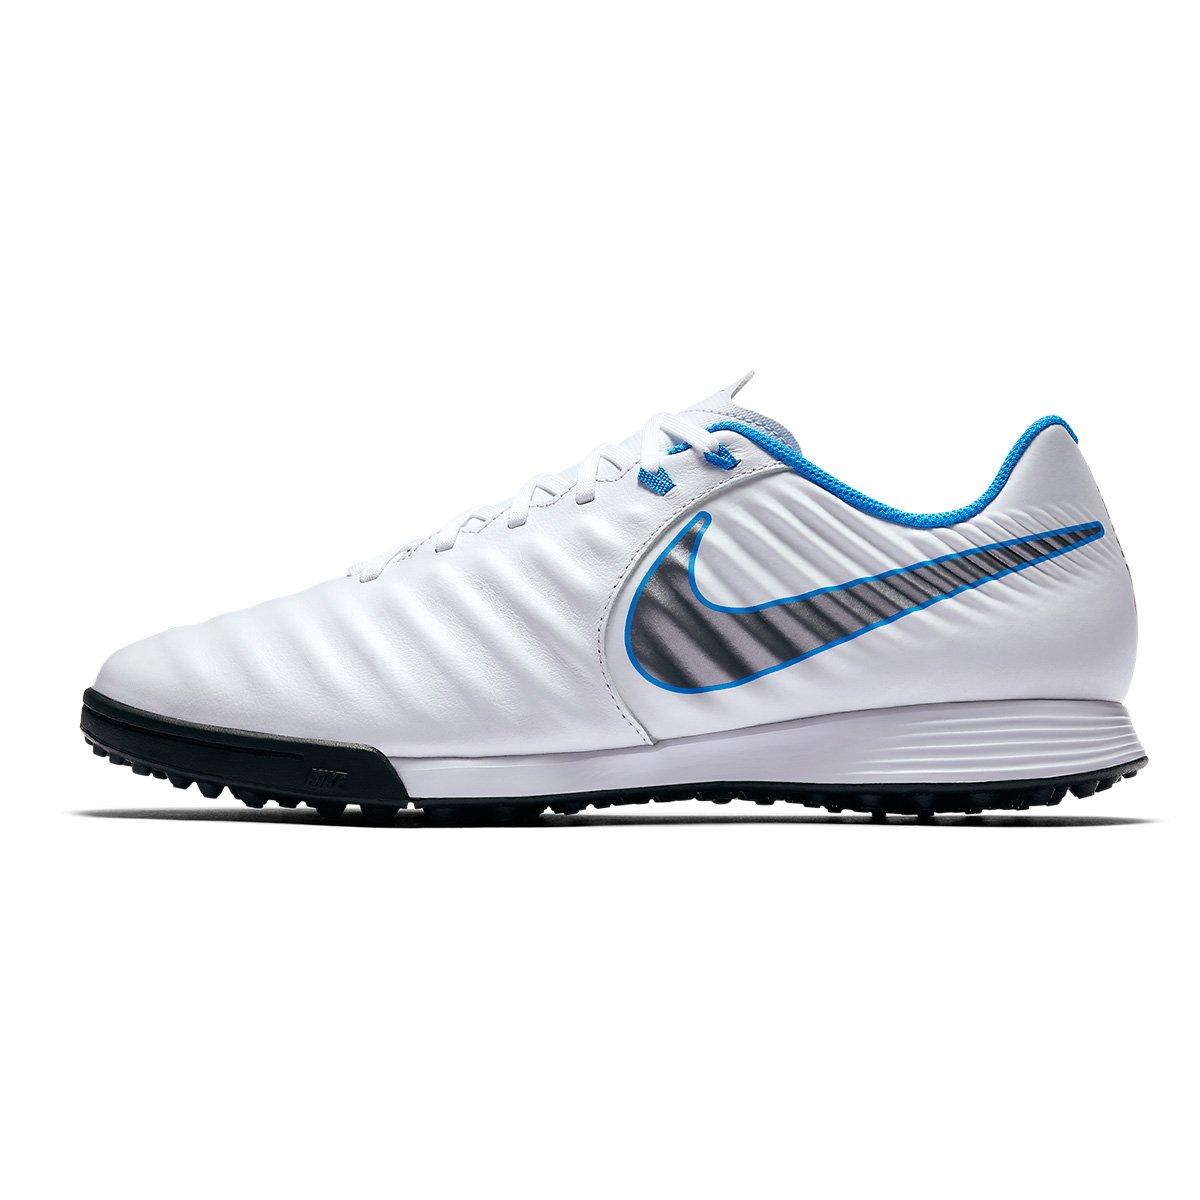 8e0acc5d8 Chuteira Society Nike Tiempo Legend 7 Academy TF - Branco e Cinza - Compre  Agora